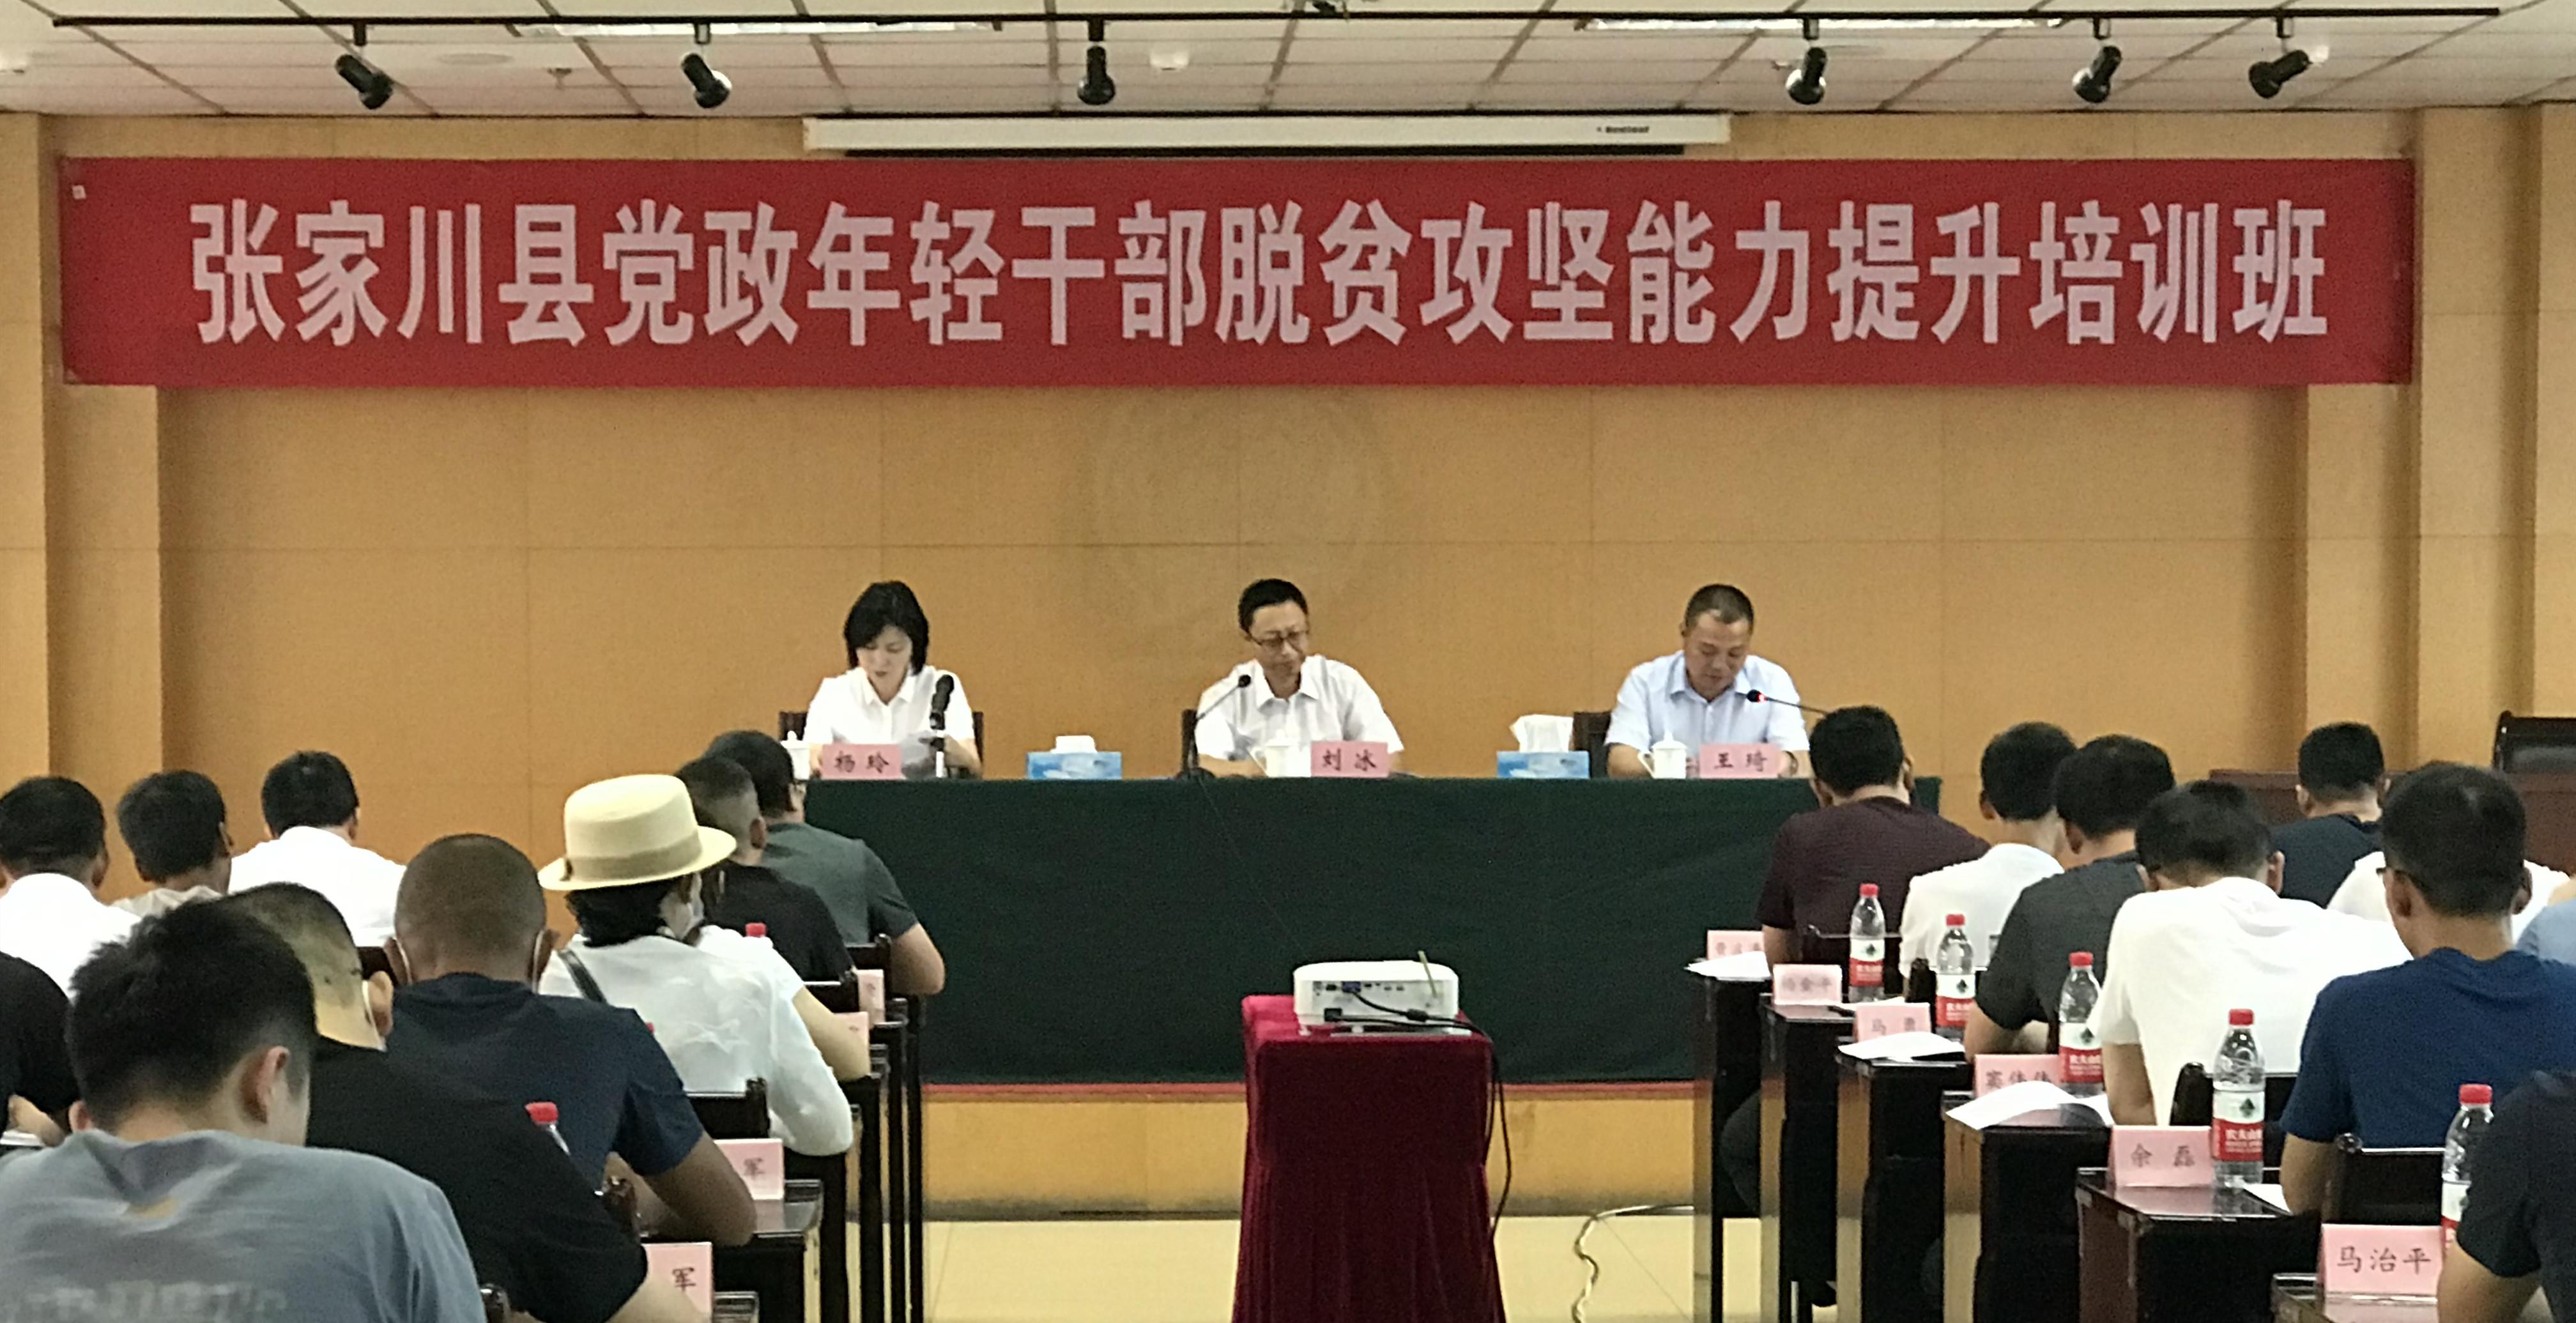 总局为对口扶贫点张家川县举办党政年轻干部脱贫攻坚能力提升培训班